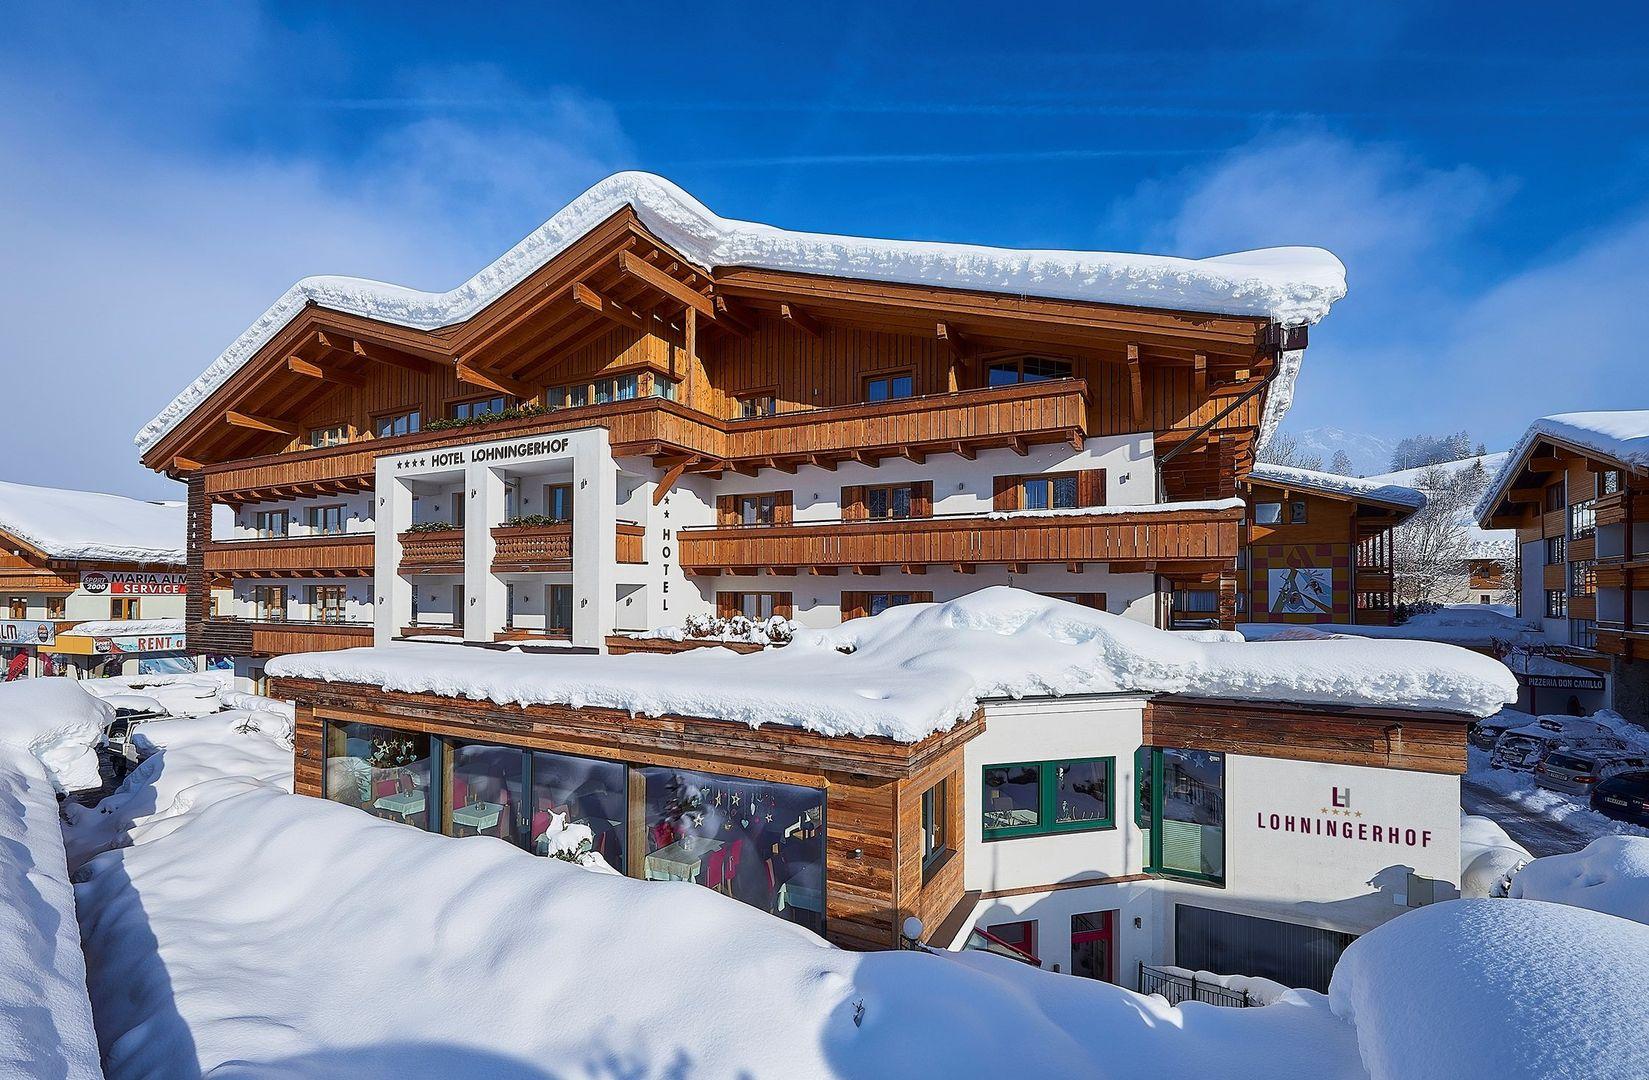 Hotel Lohningerhof - Slide 1